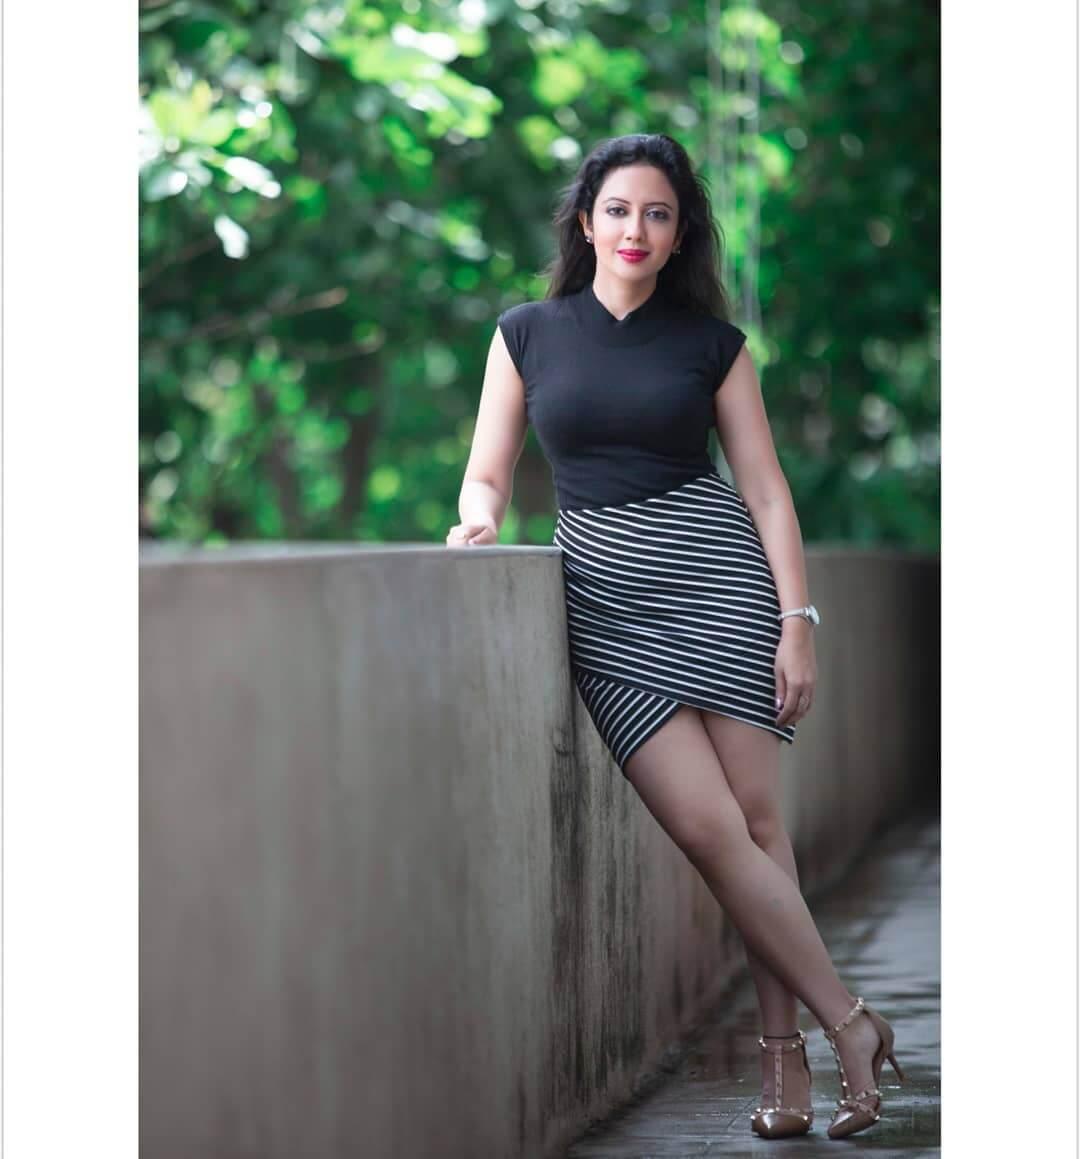 actress garima goel wiki